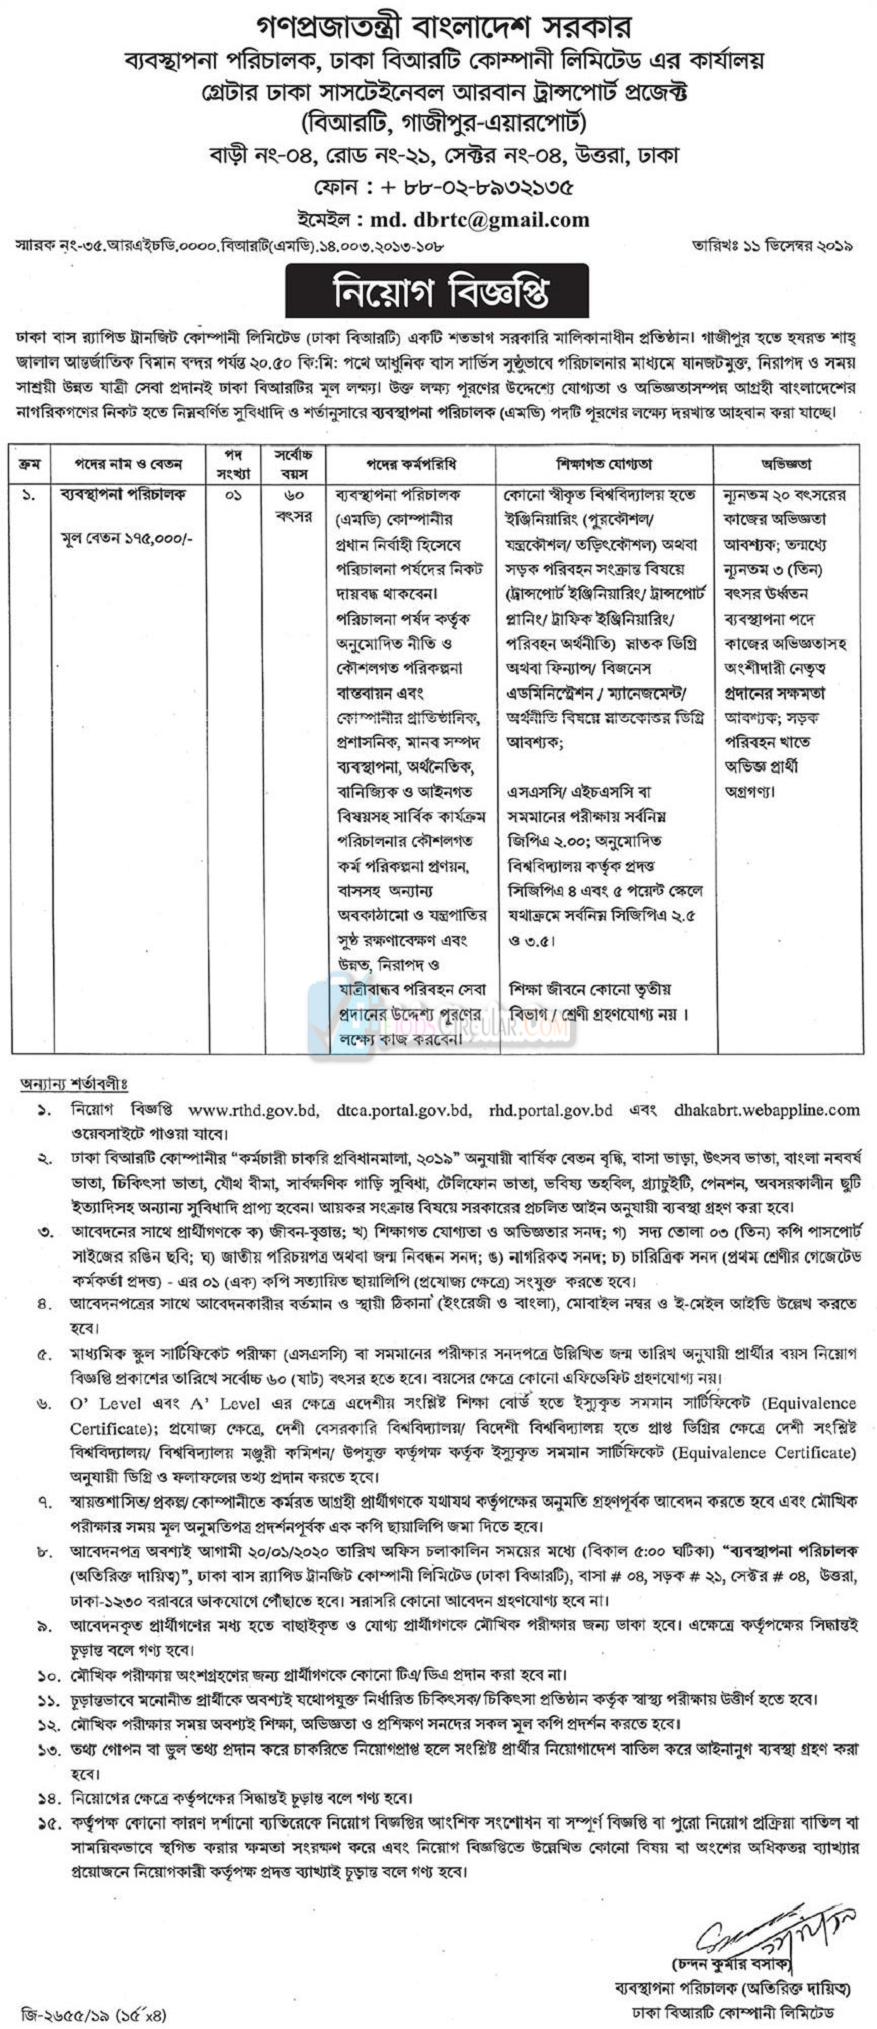 Dhaka Transport Coordination Authority Job Circular 2020